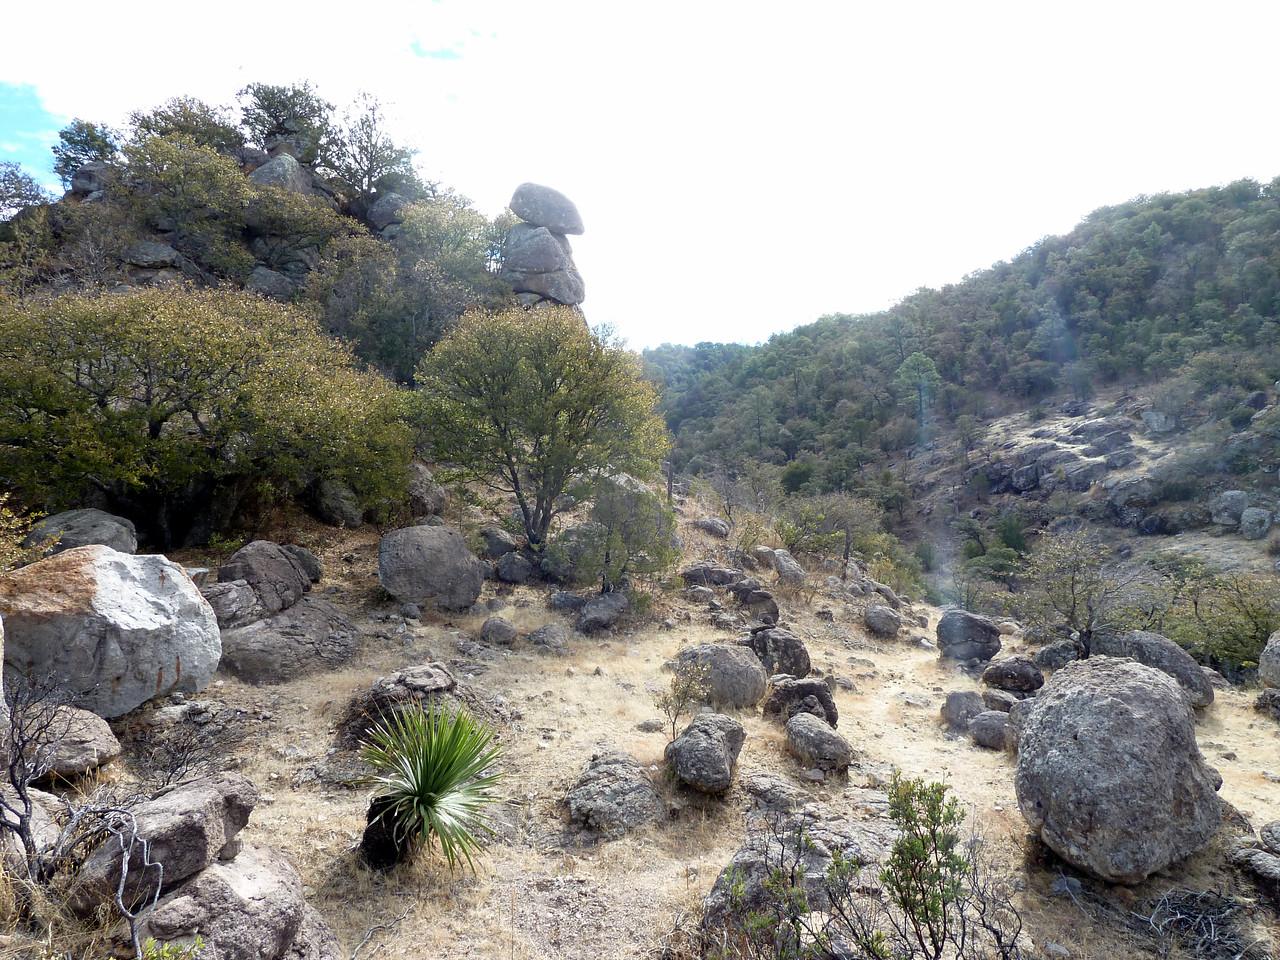 Roadside rocks.